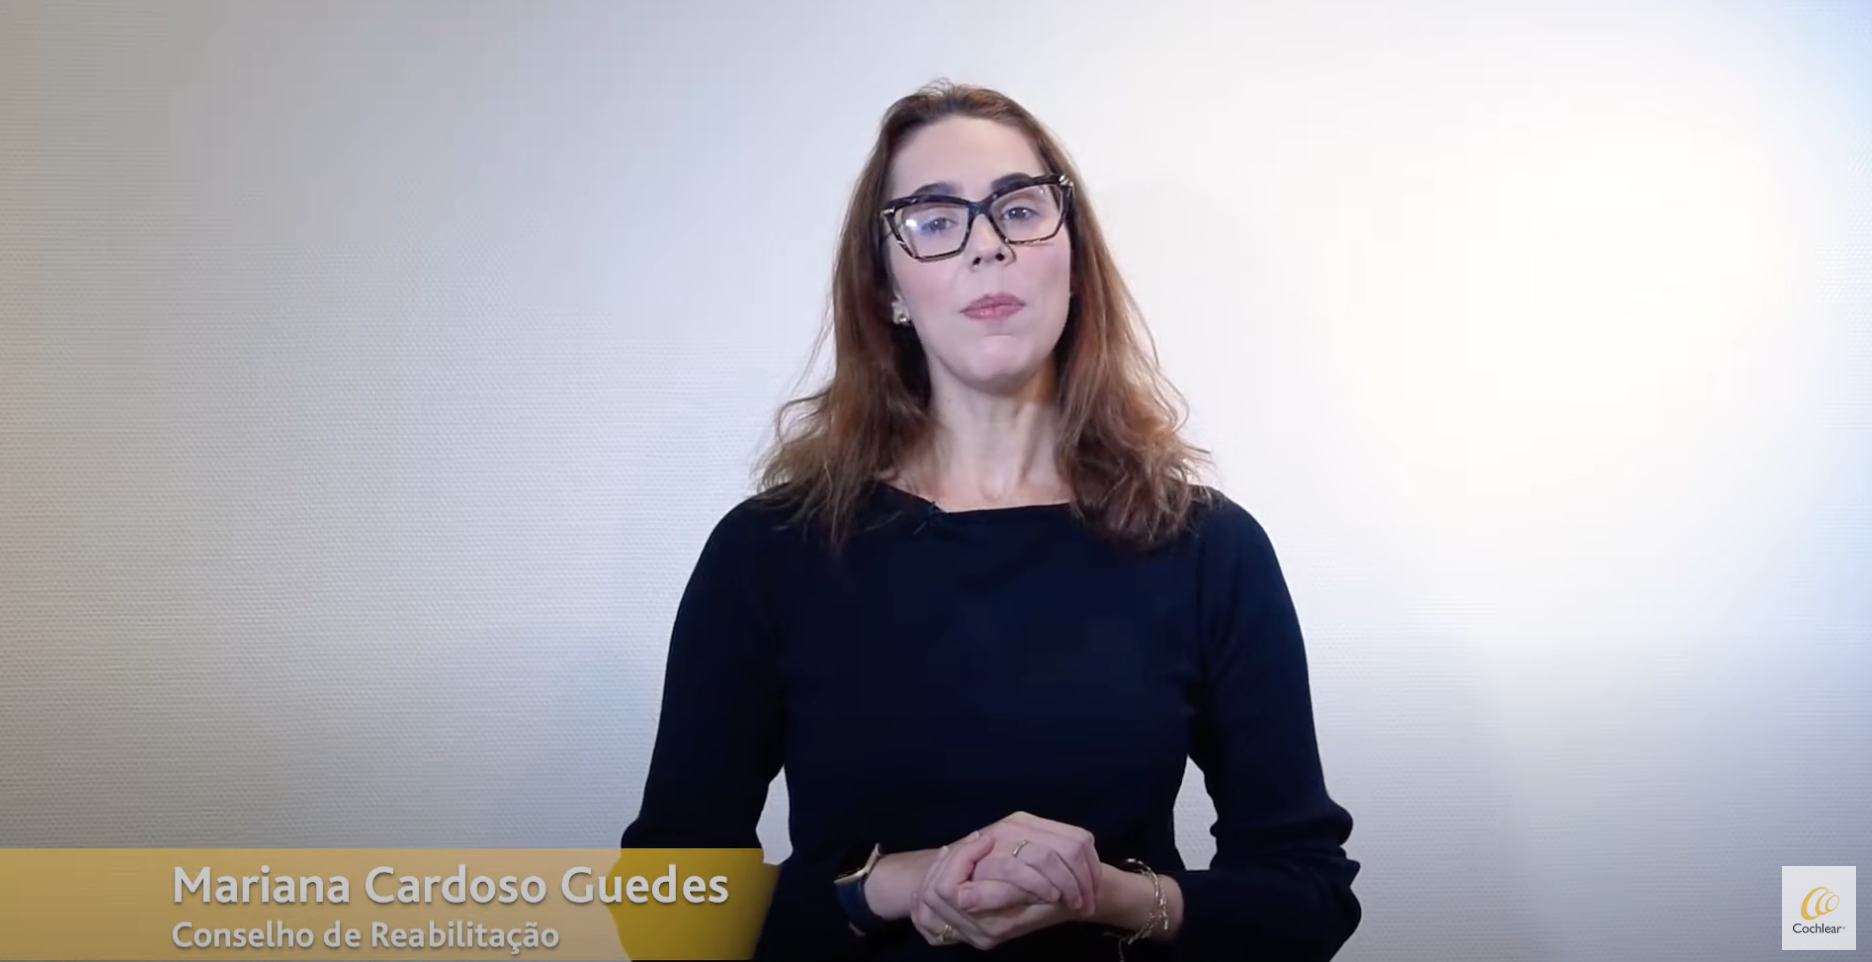 Mariana Cardoso Cochlear